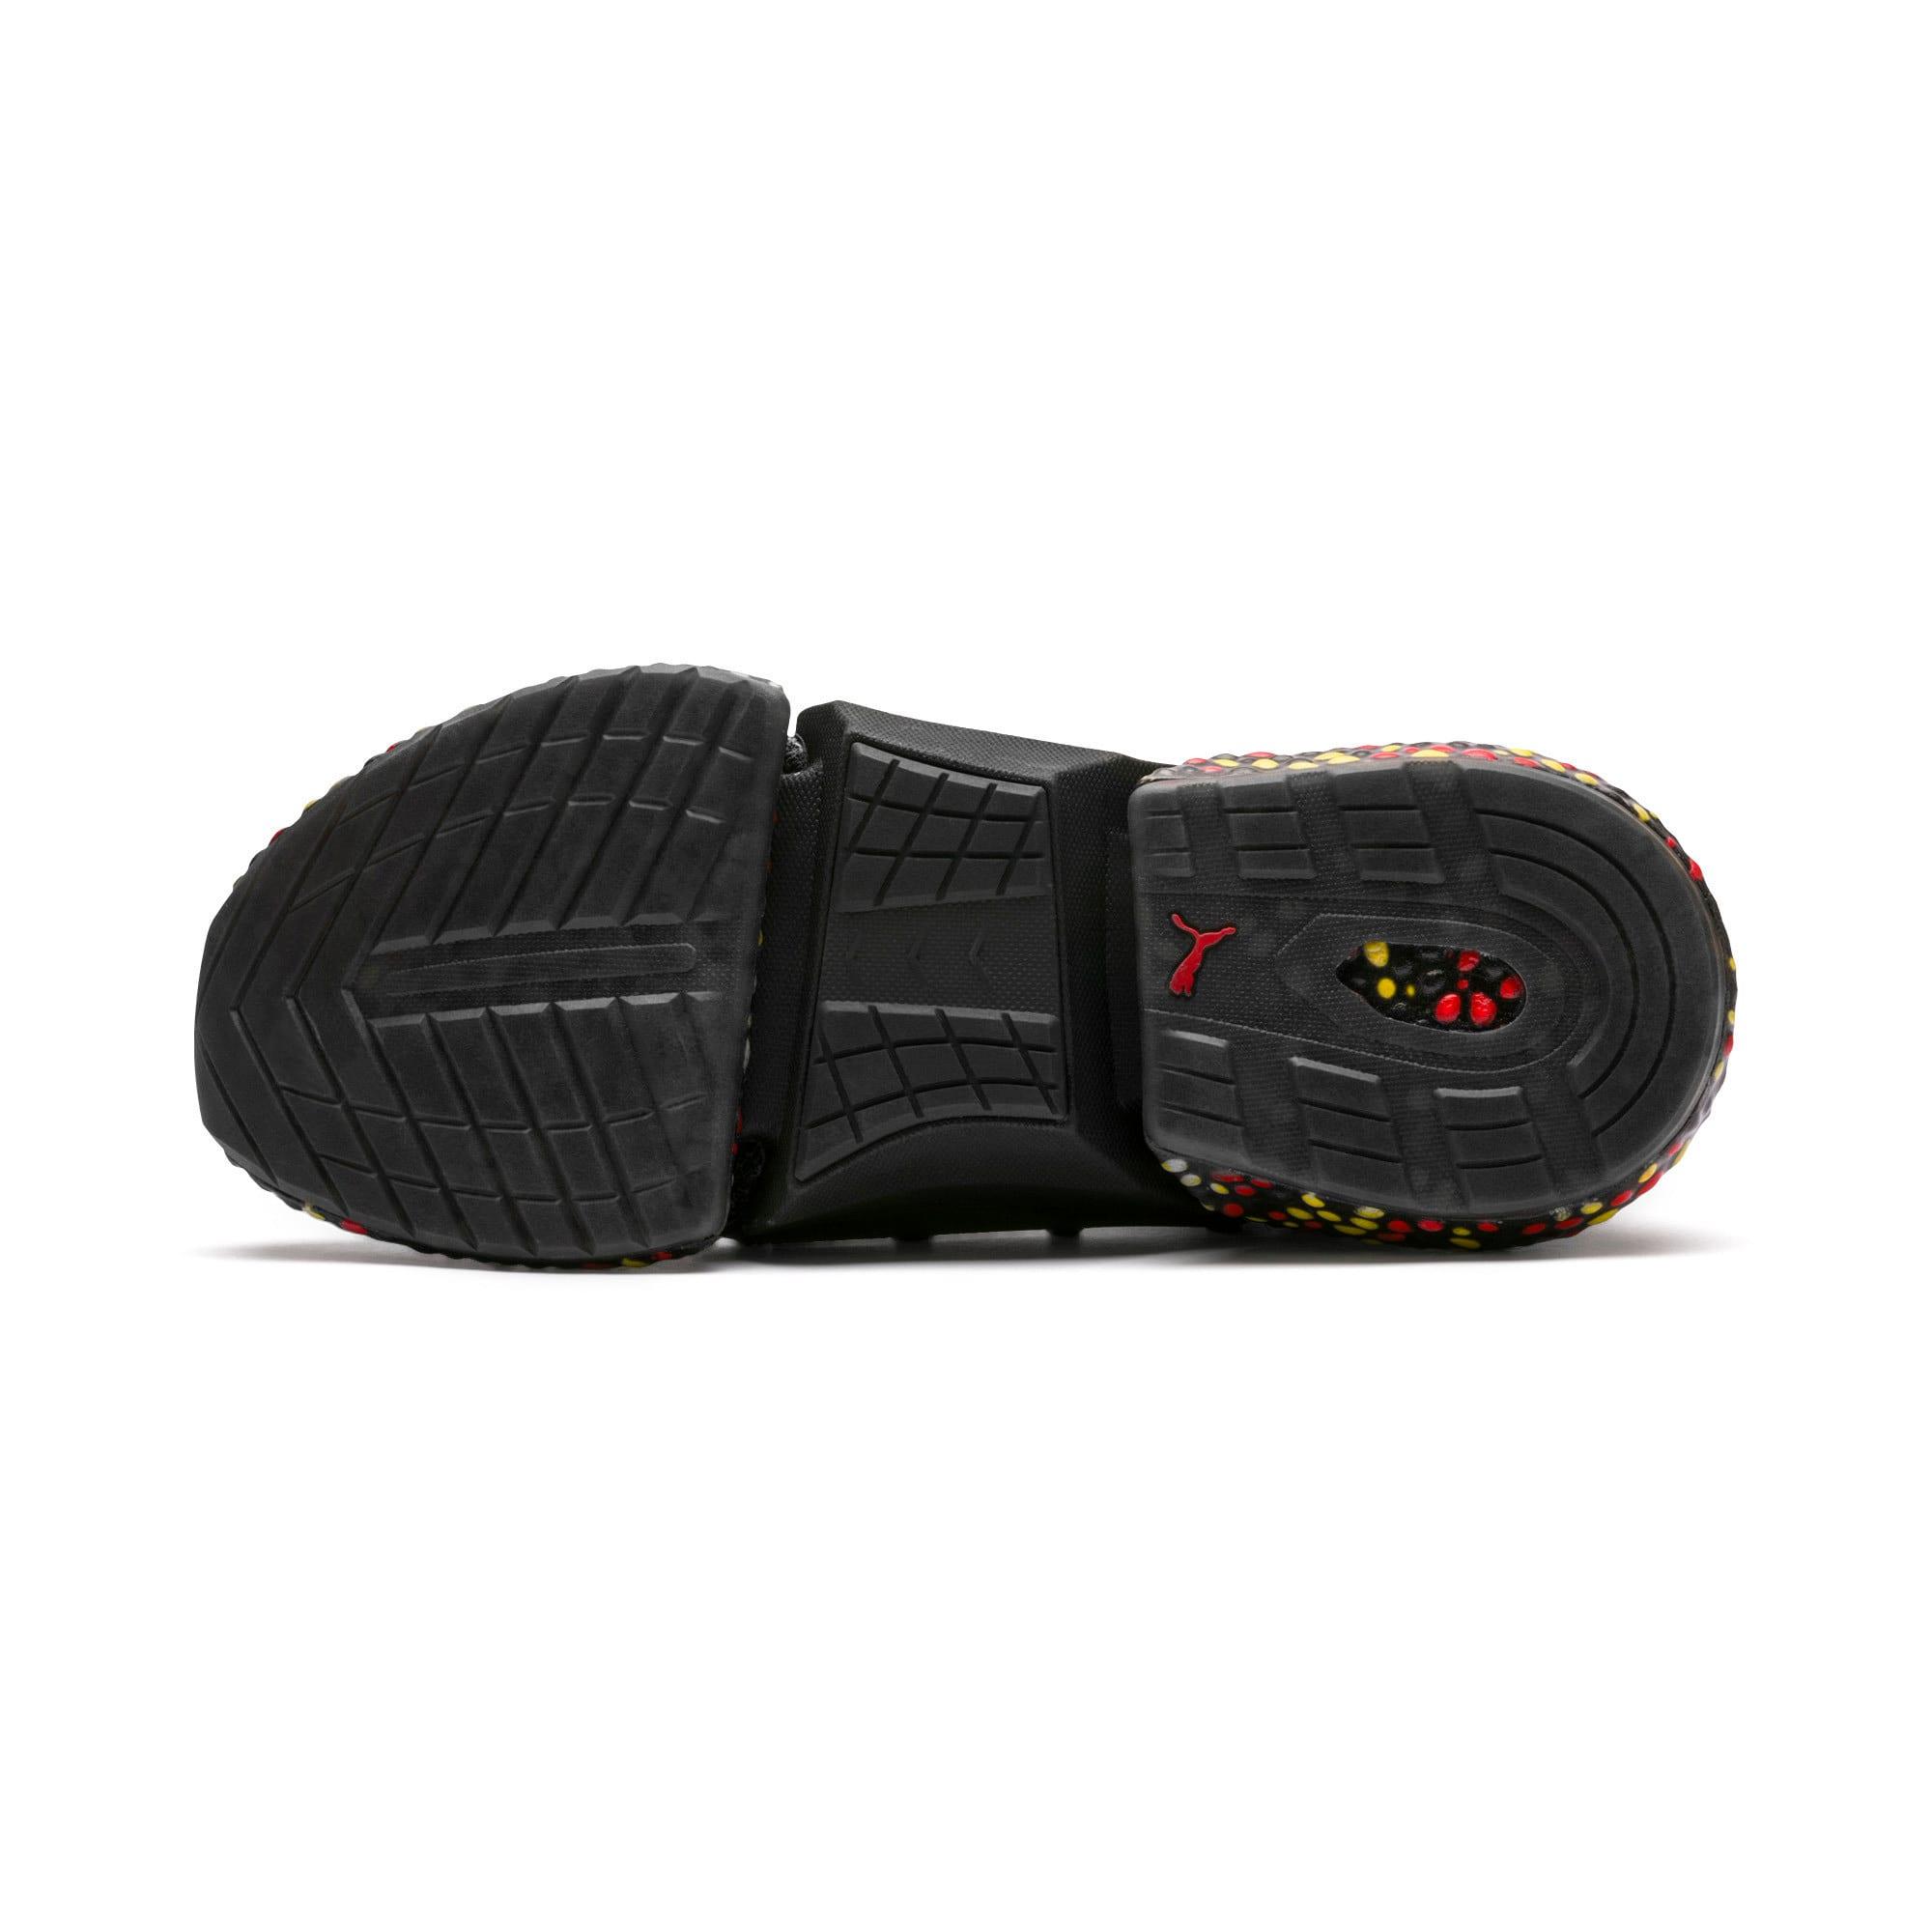 Miniaturka 5 Męskie buty do biegania Hybrid Rocket Runner, Kolor Black-Blazing Yellow-Red, średnie